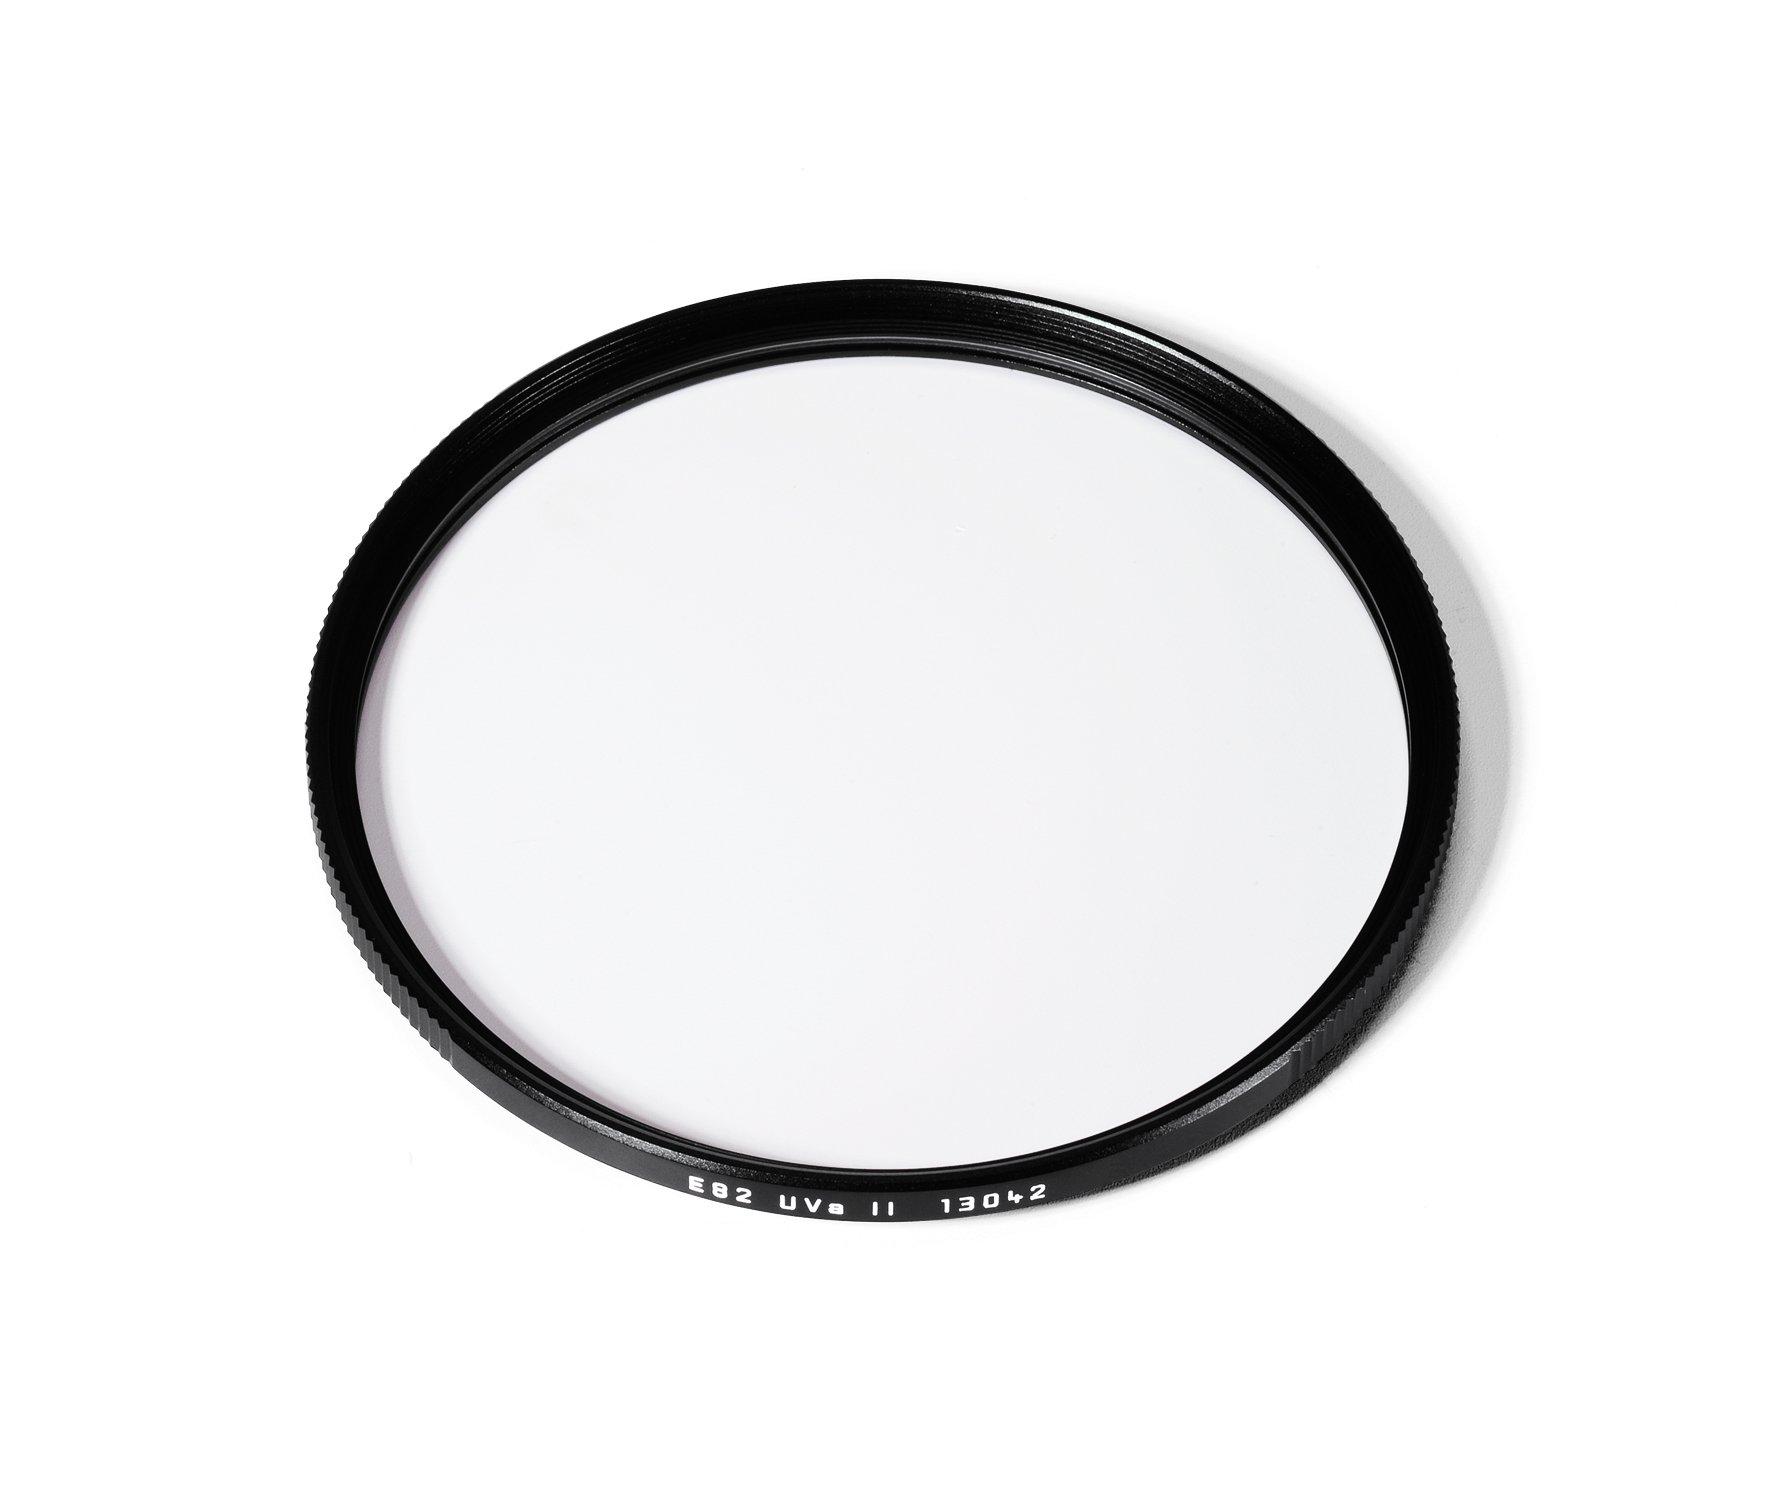 LEICA filtr UVa II 82 mm